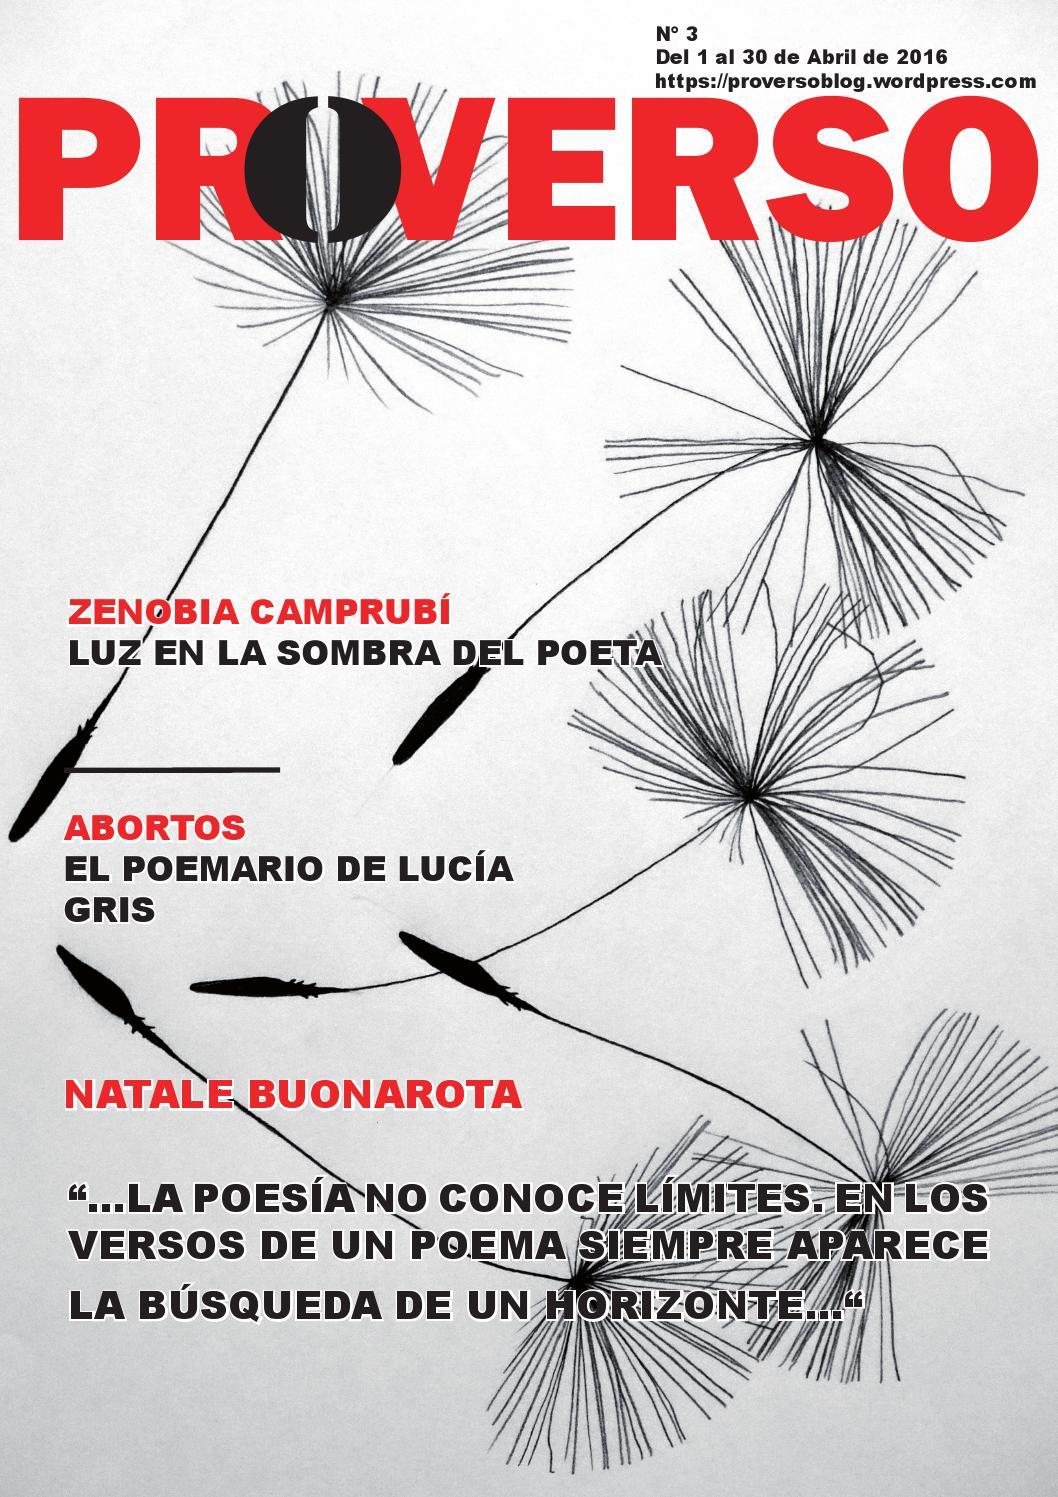 Proverso, 1 de abril de 2016 by Revista Proverso - issuu